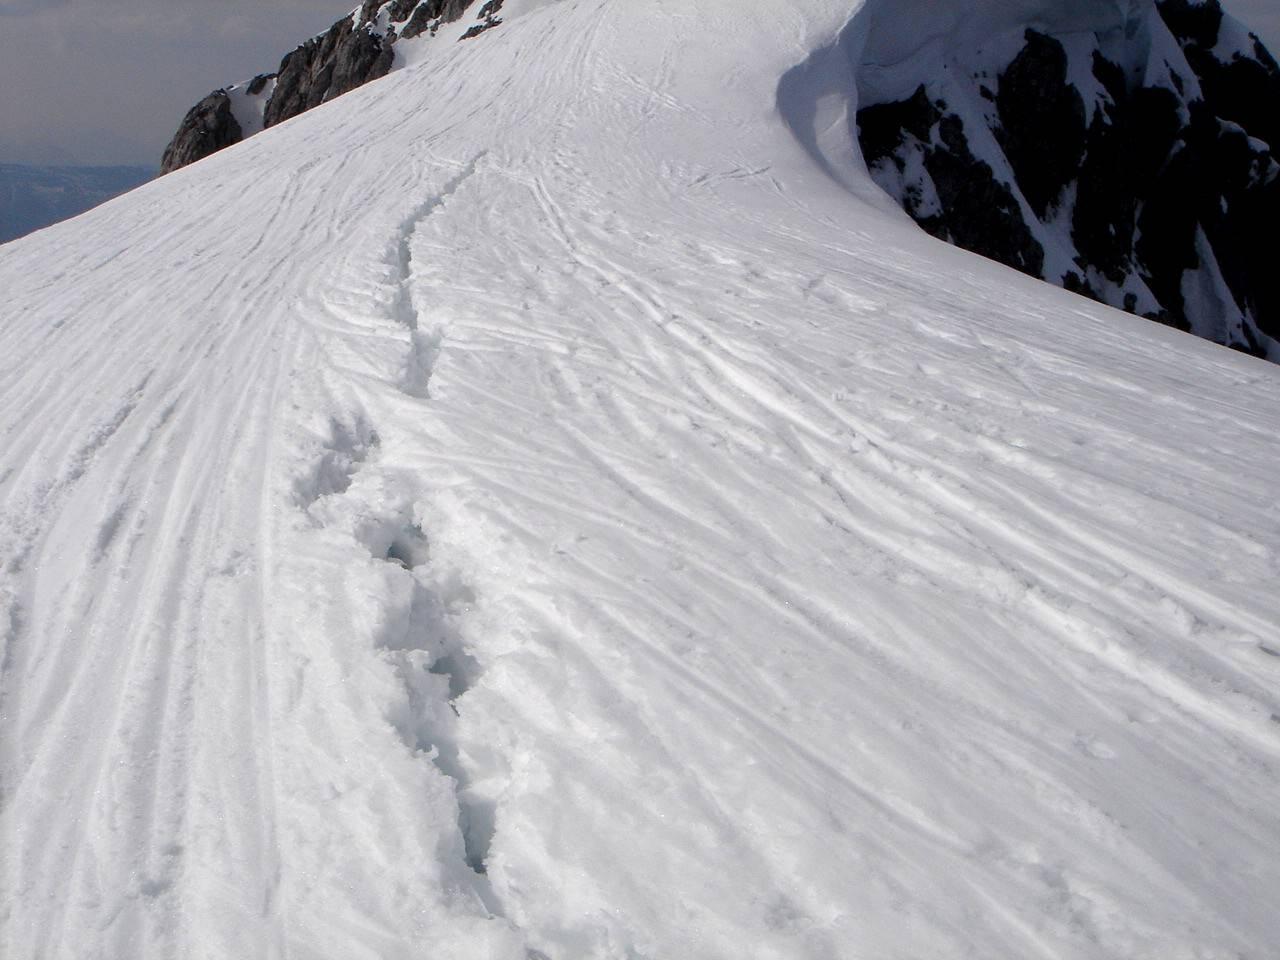 Foto: Manfred Karl / Ski Tour / Hoher Göll, 2522m / Wer die Göll-Wechte kennt, kann angesichts solchen Leichtsinns nur den Kopf schütteln. / 18.05.2007 06:40:44